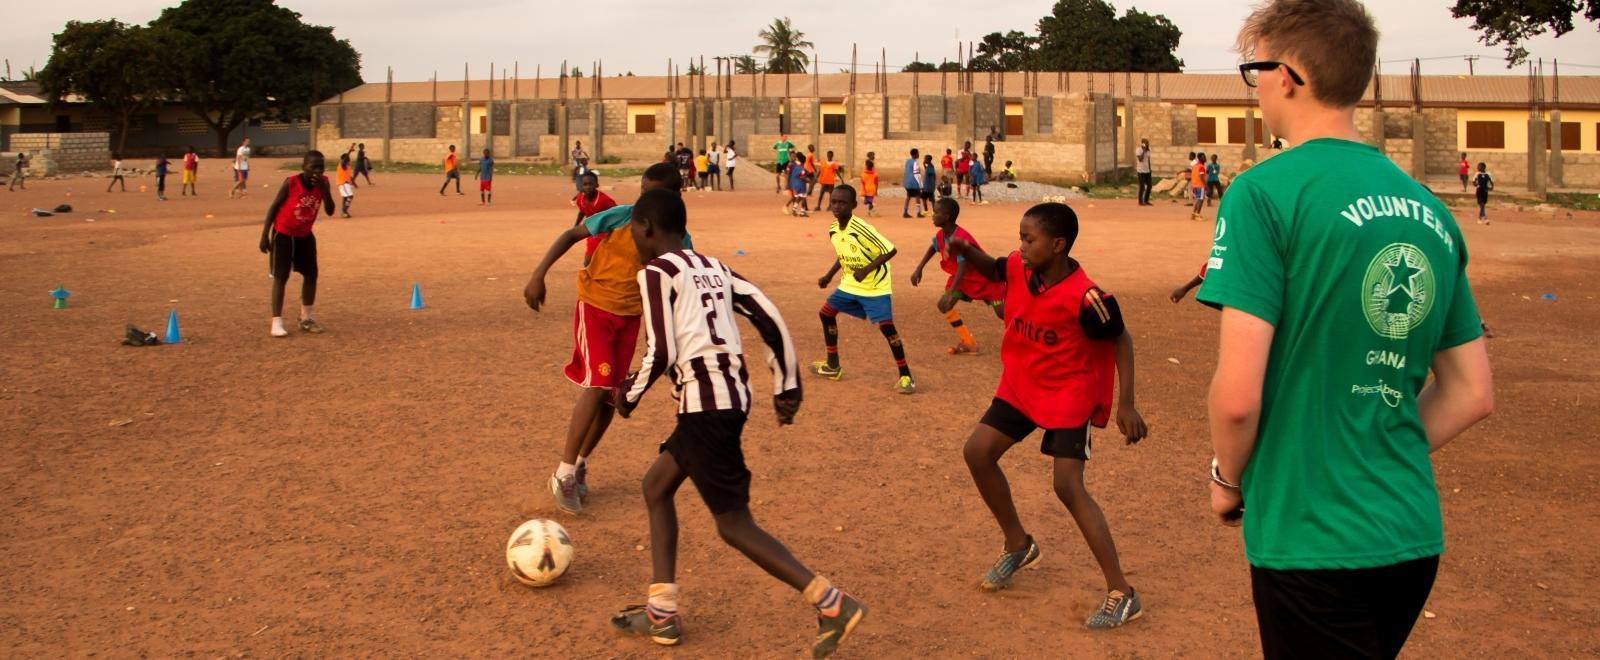 Juego de práctica durante nuestro voluntariado de fútbol en Ghana.